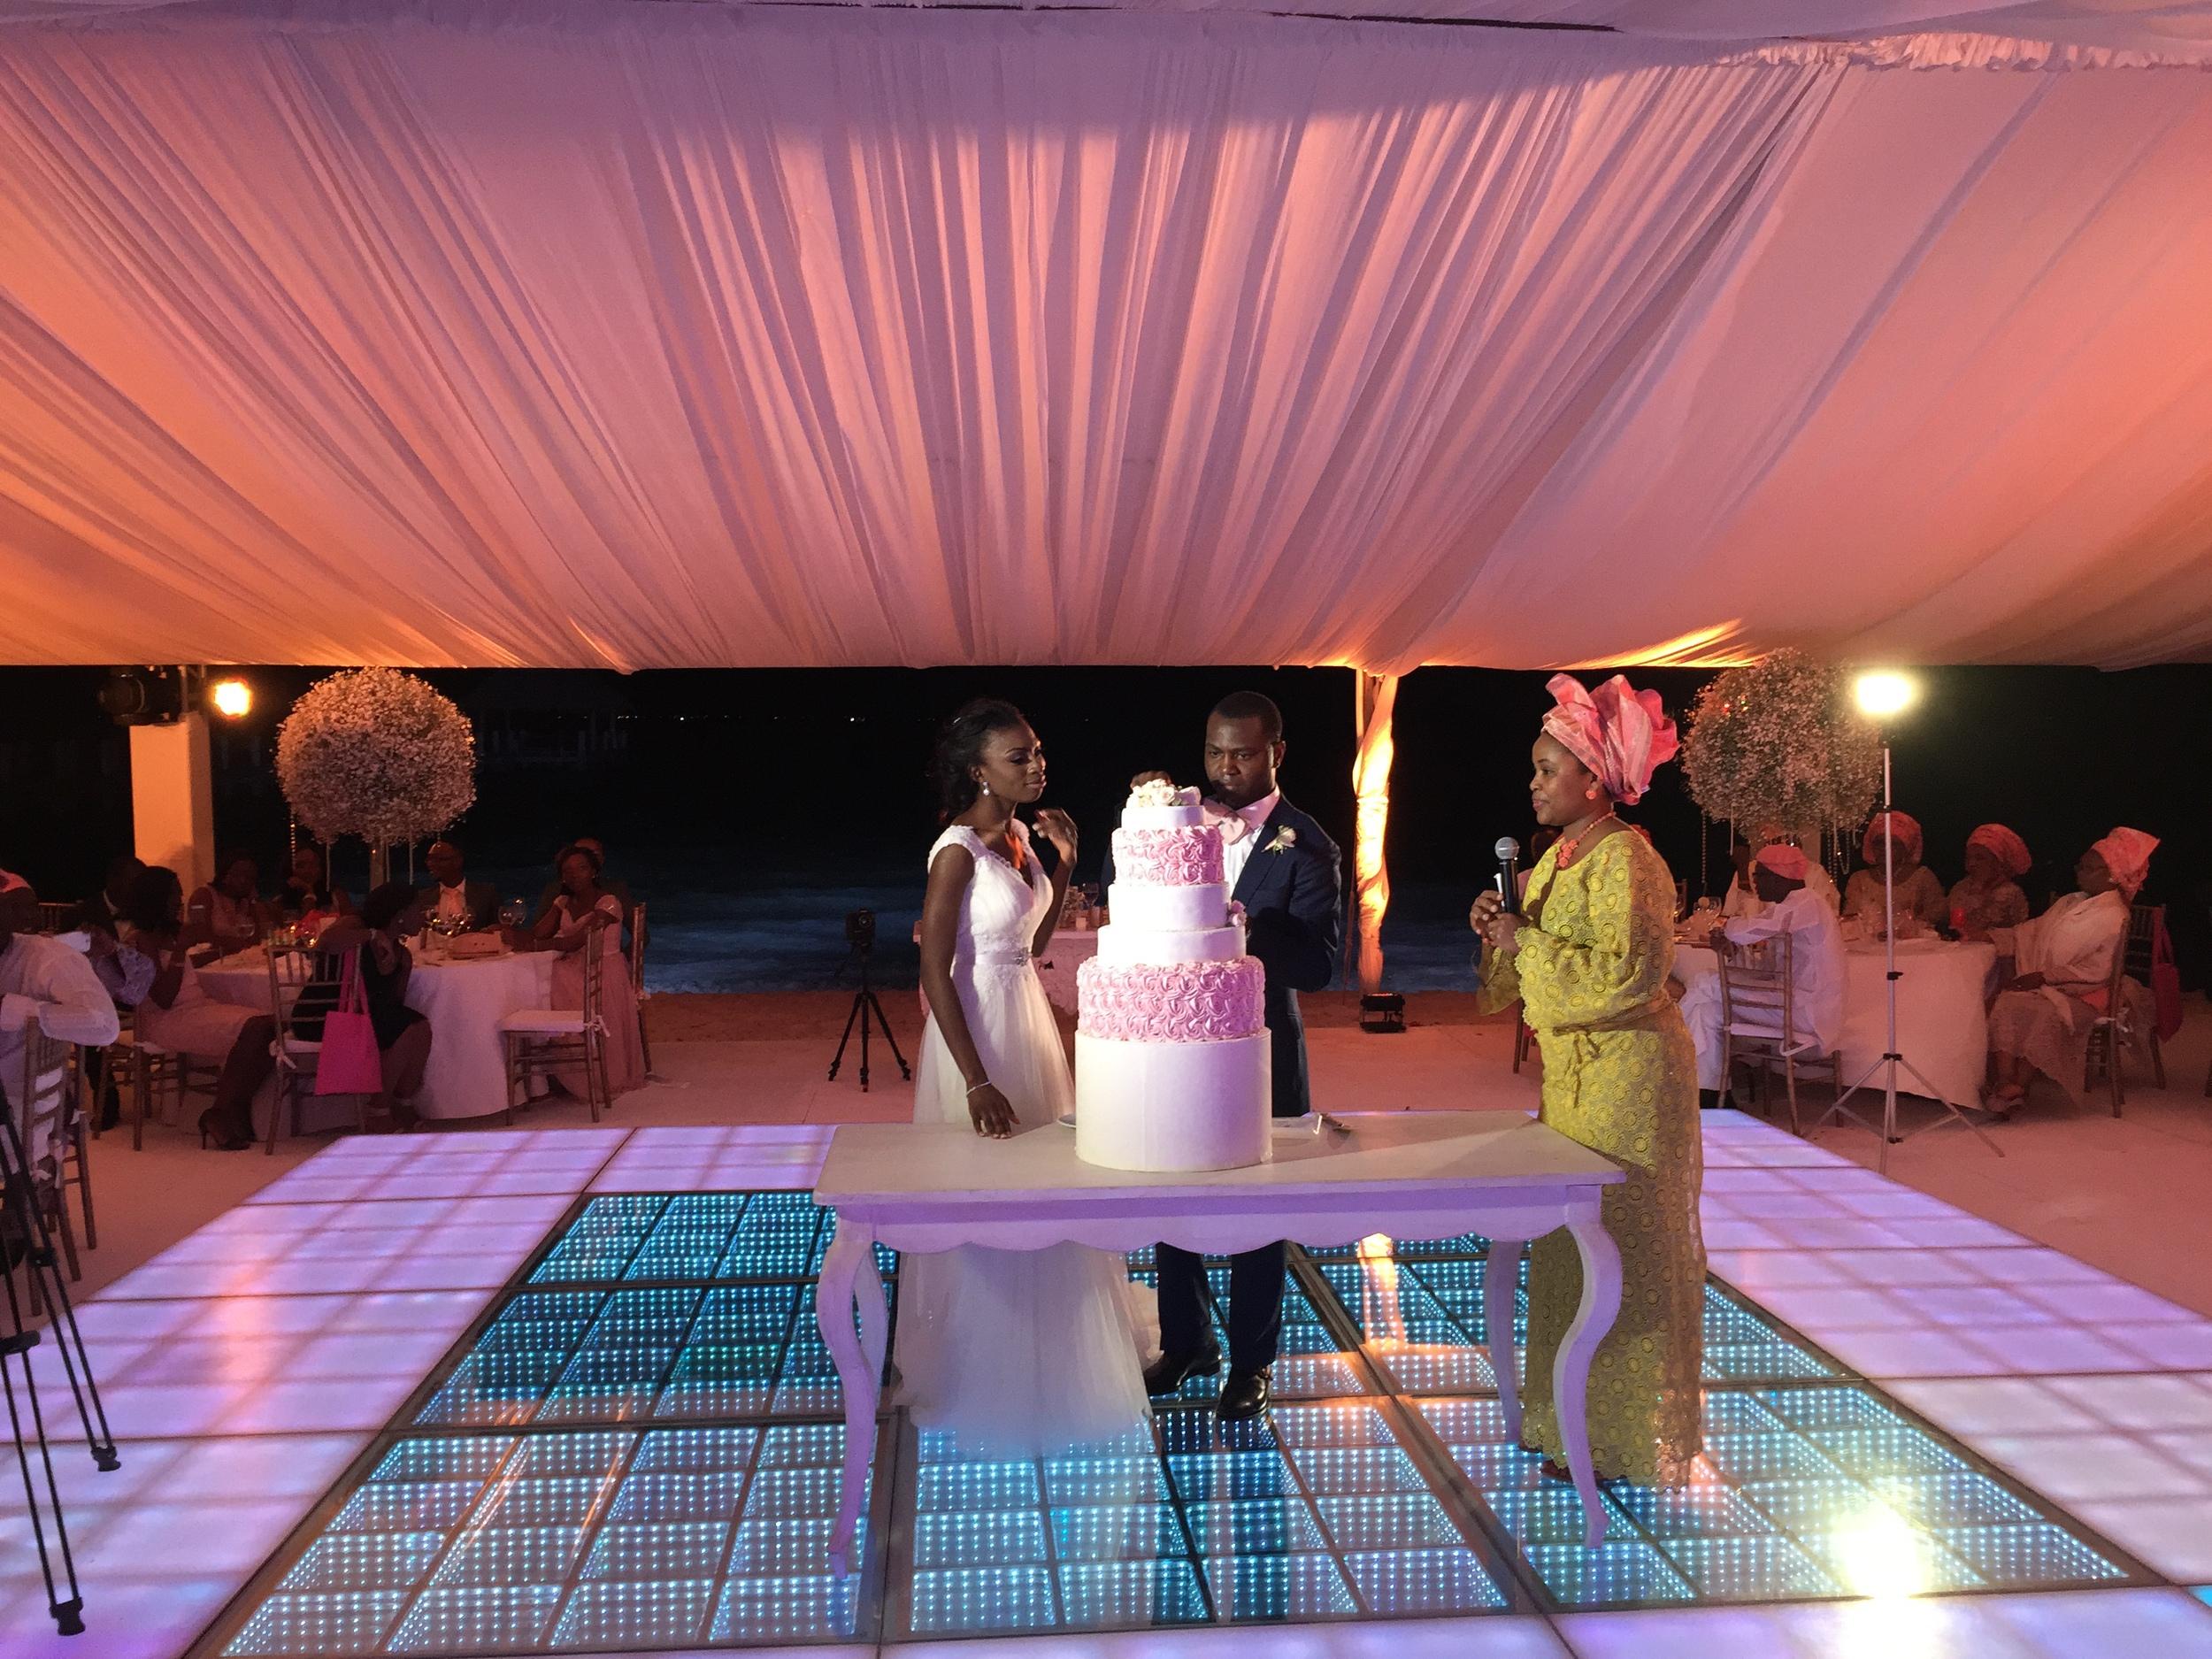 Nigerian Wedding DJ at a destination wedding in Cancun, Mexico. #yd14 December 2014